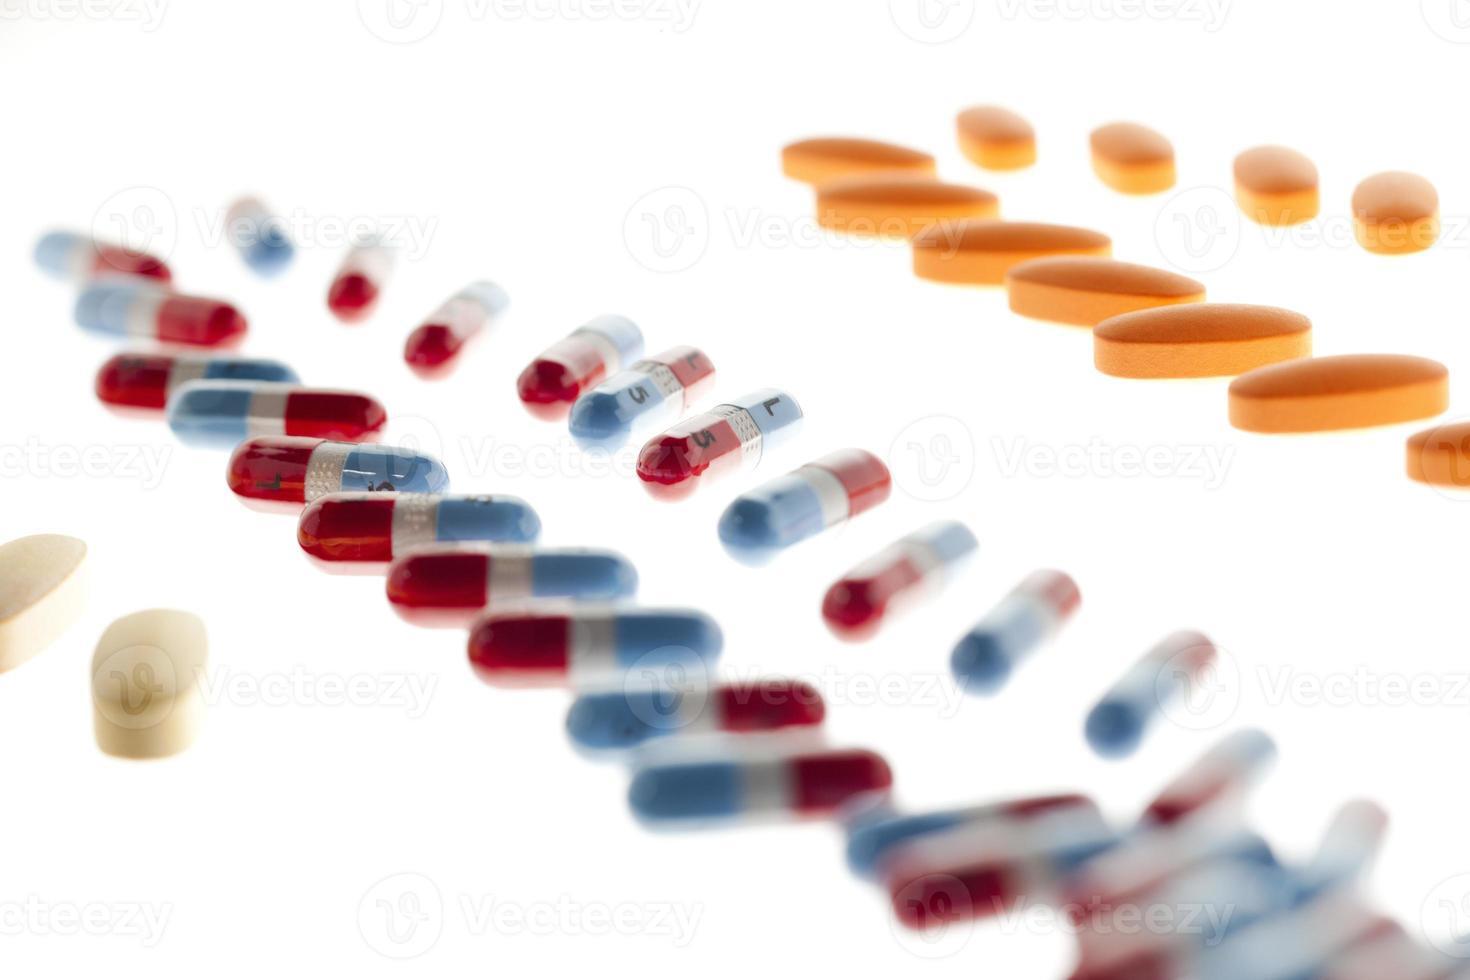 receptbelagda läkemedel foto